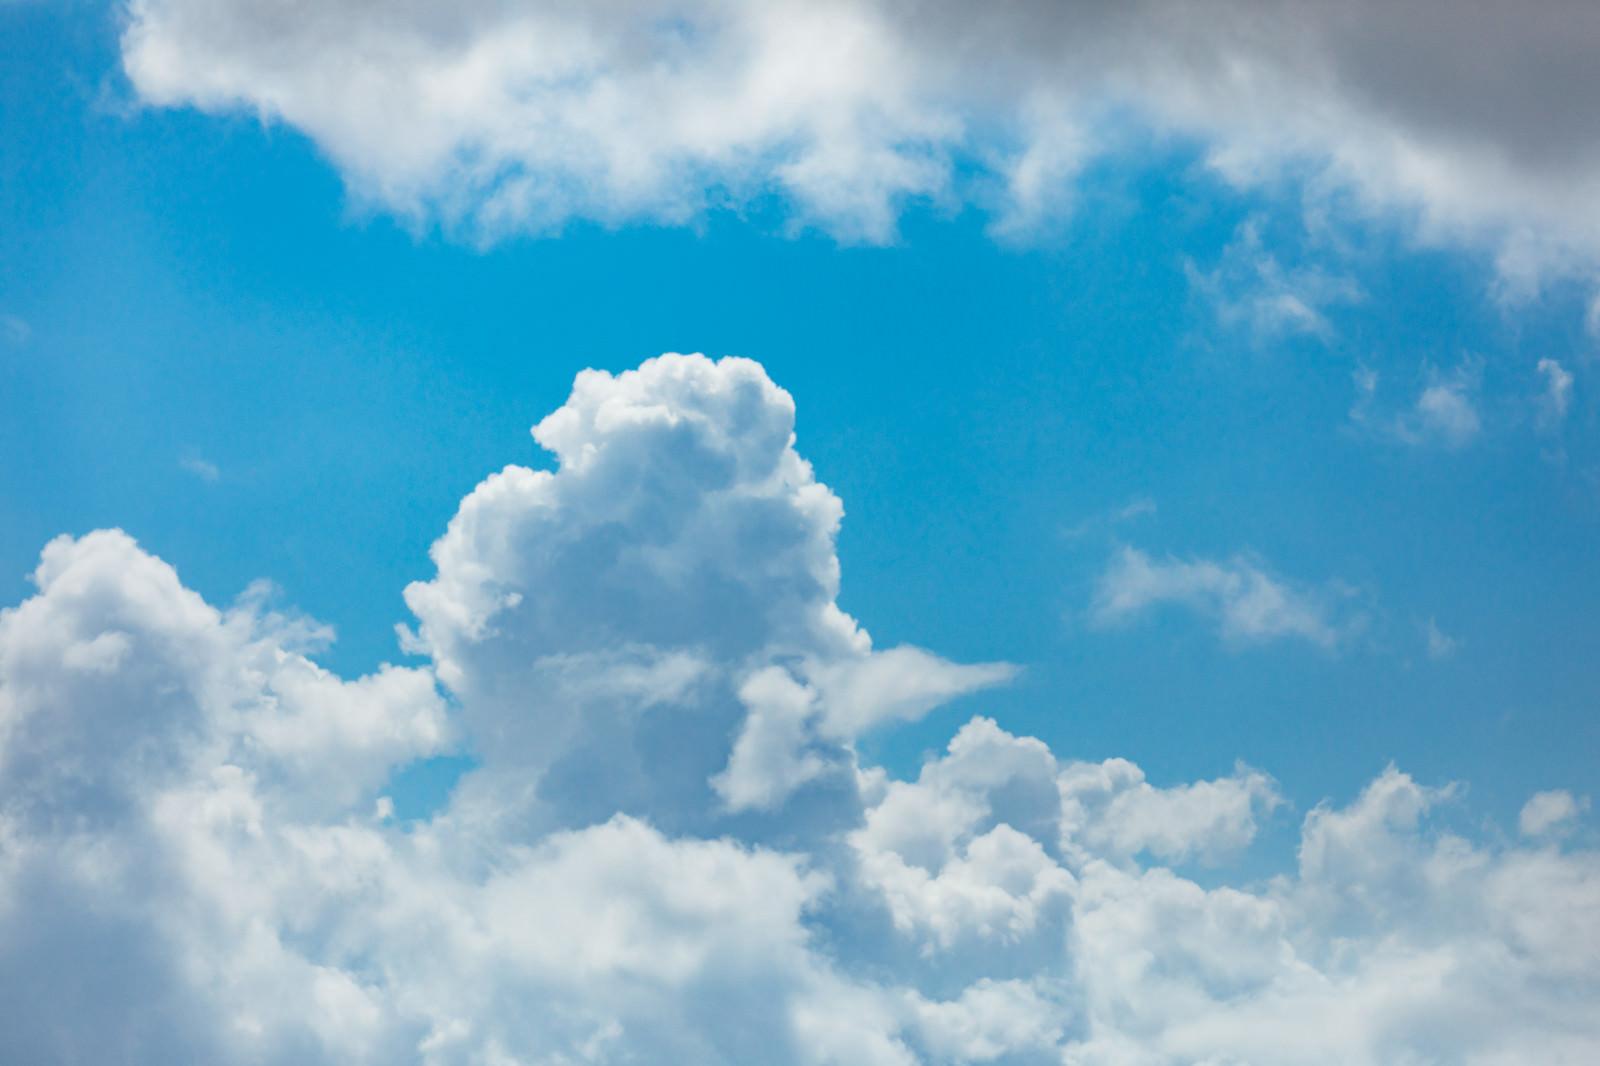 「真夏の積乱雲真夏の積乱雲」のフリー写真素材を拡大